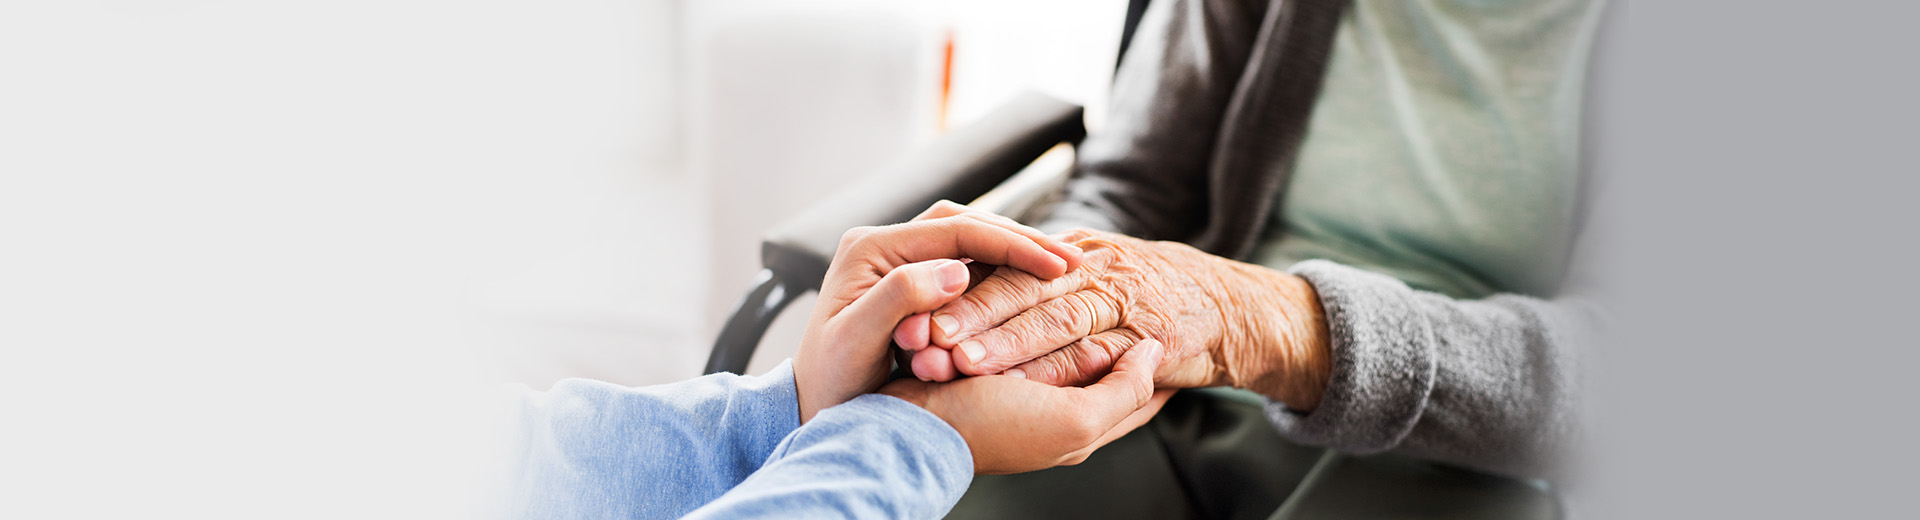 Pflege, Demenz und Achtsamkeit